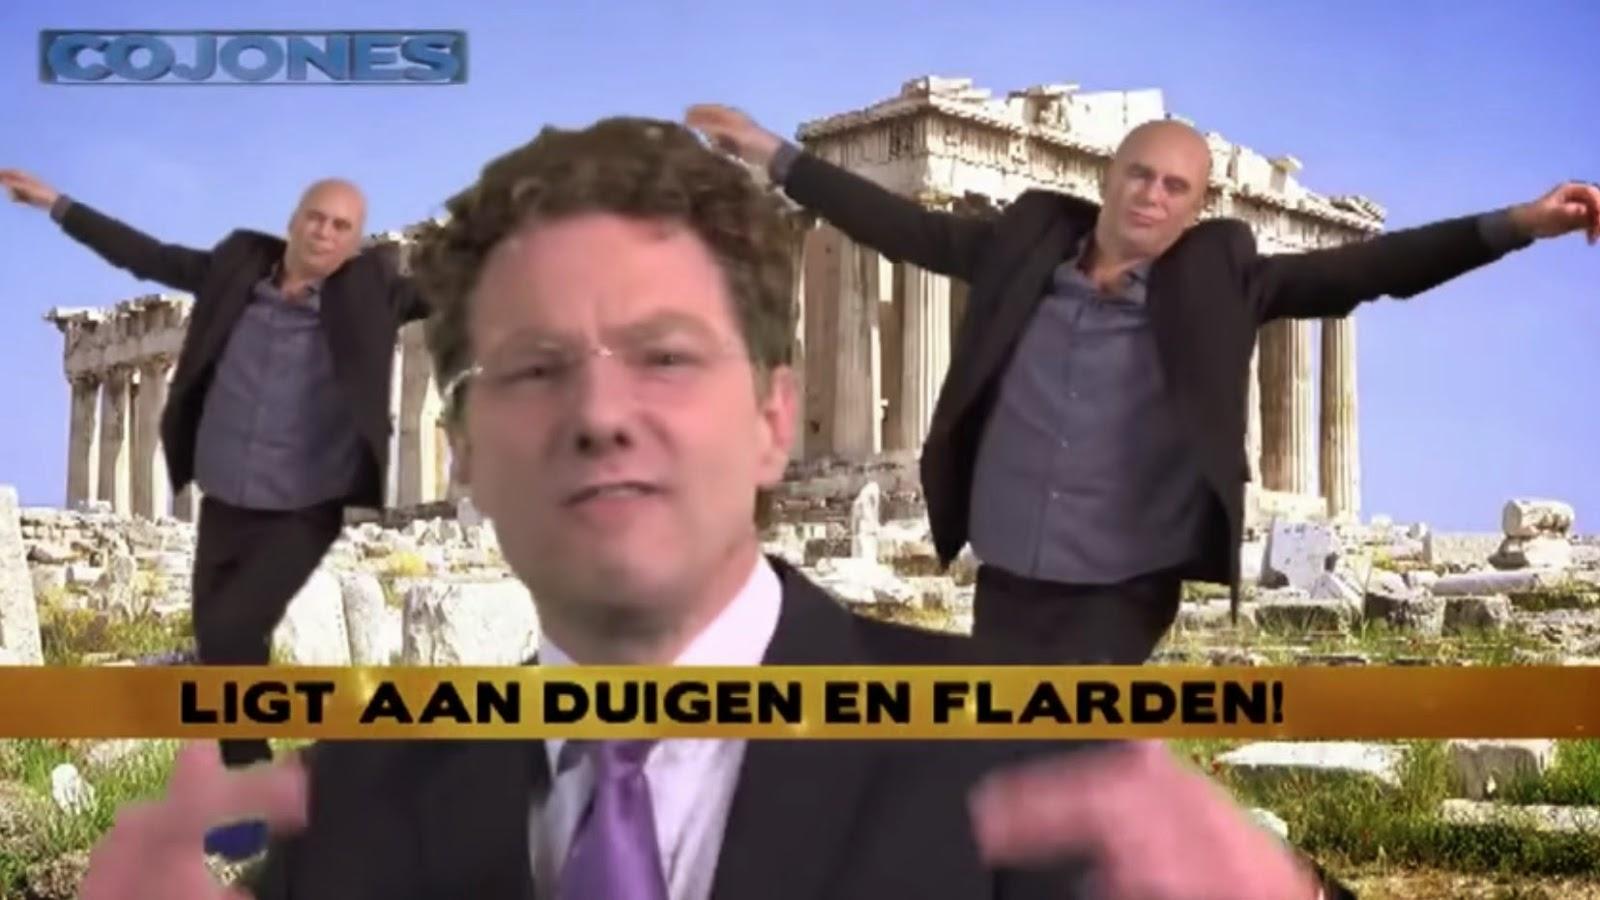 Το NEO βίντεο με τον Βαρουφάκη και το Ντάισελμπλουμ που έχει viral σε όλη την Ευρώπη!